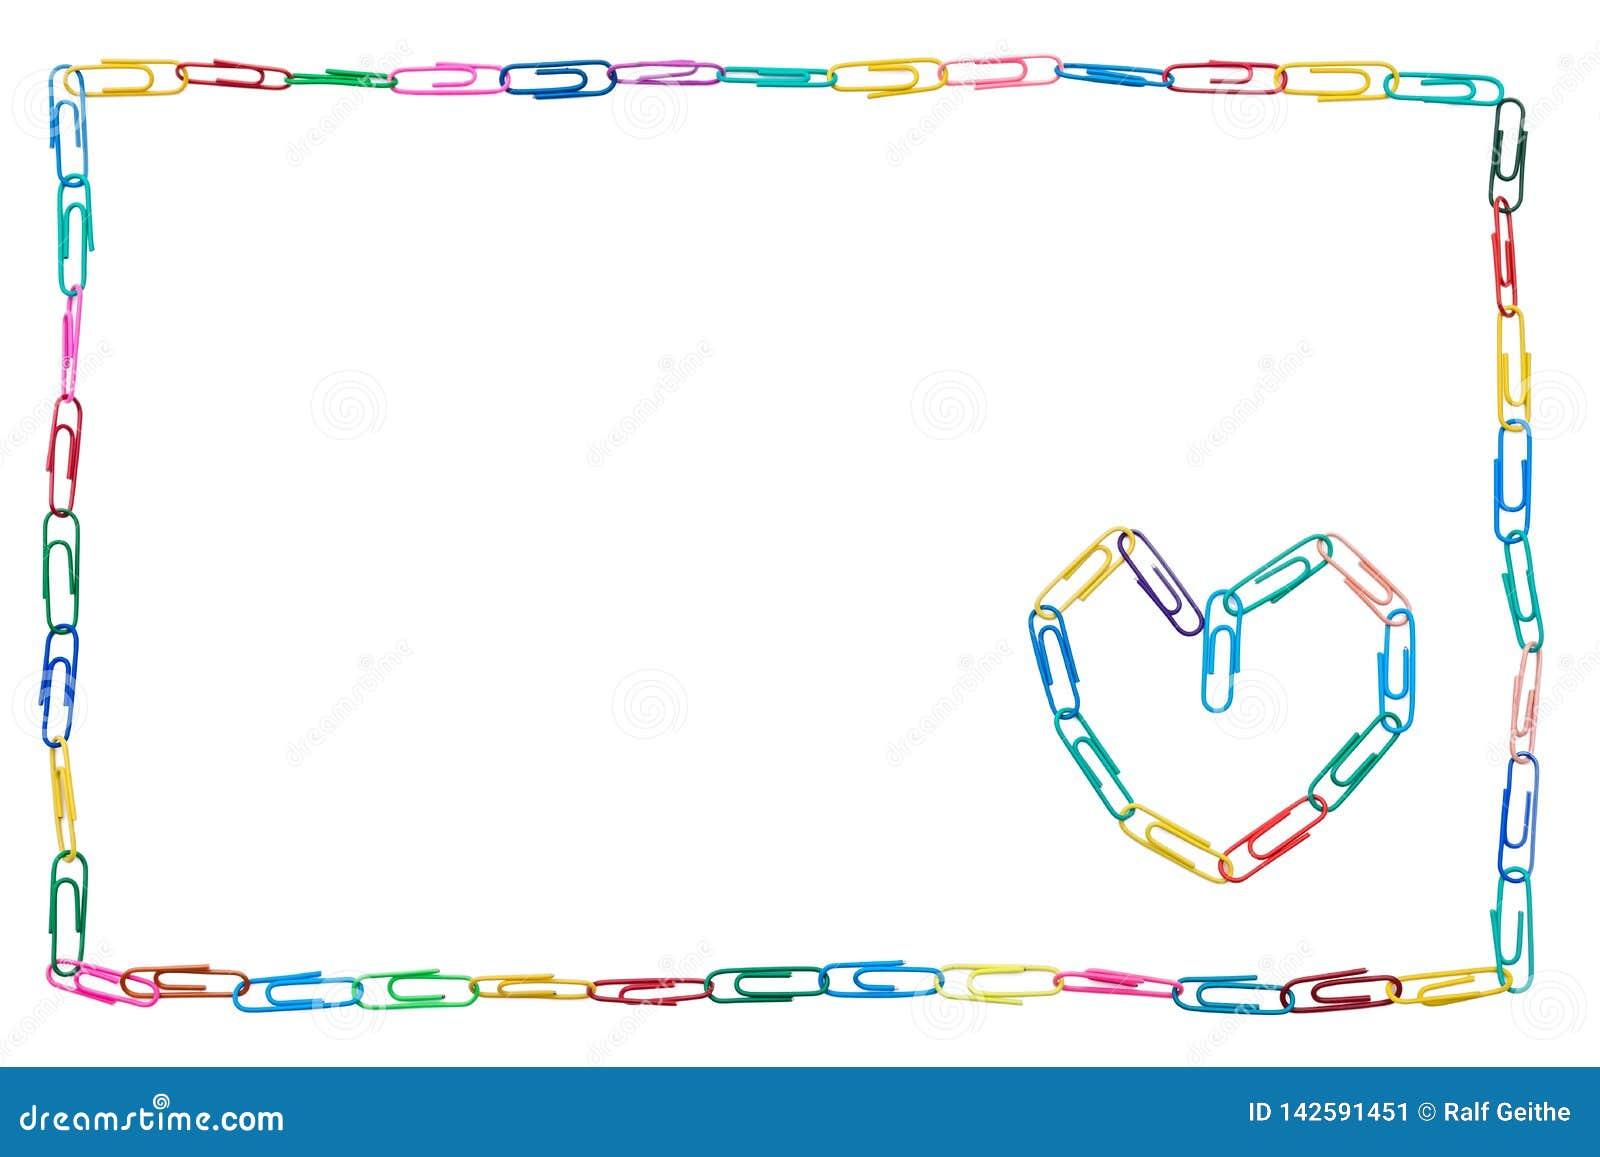 Ζωηρόχρωμο πλαίσιο φιαγμένο από συνδετήρες εγγράφου στο άσπρο υπόβαθρο με την καρδιά για το συνάδελφο